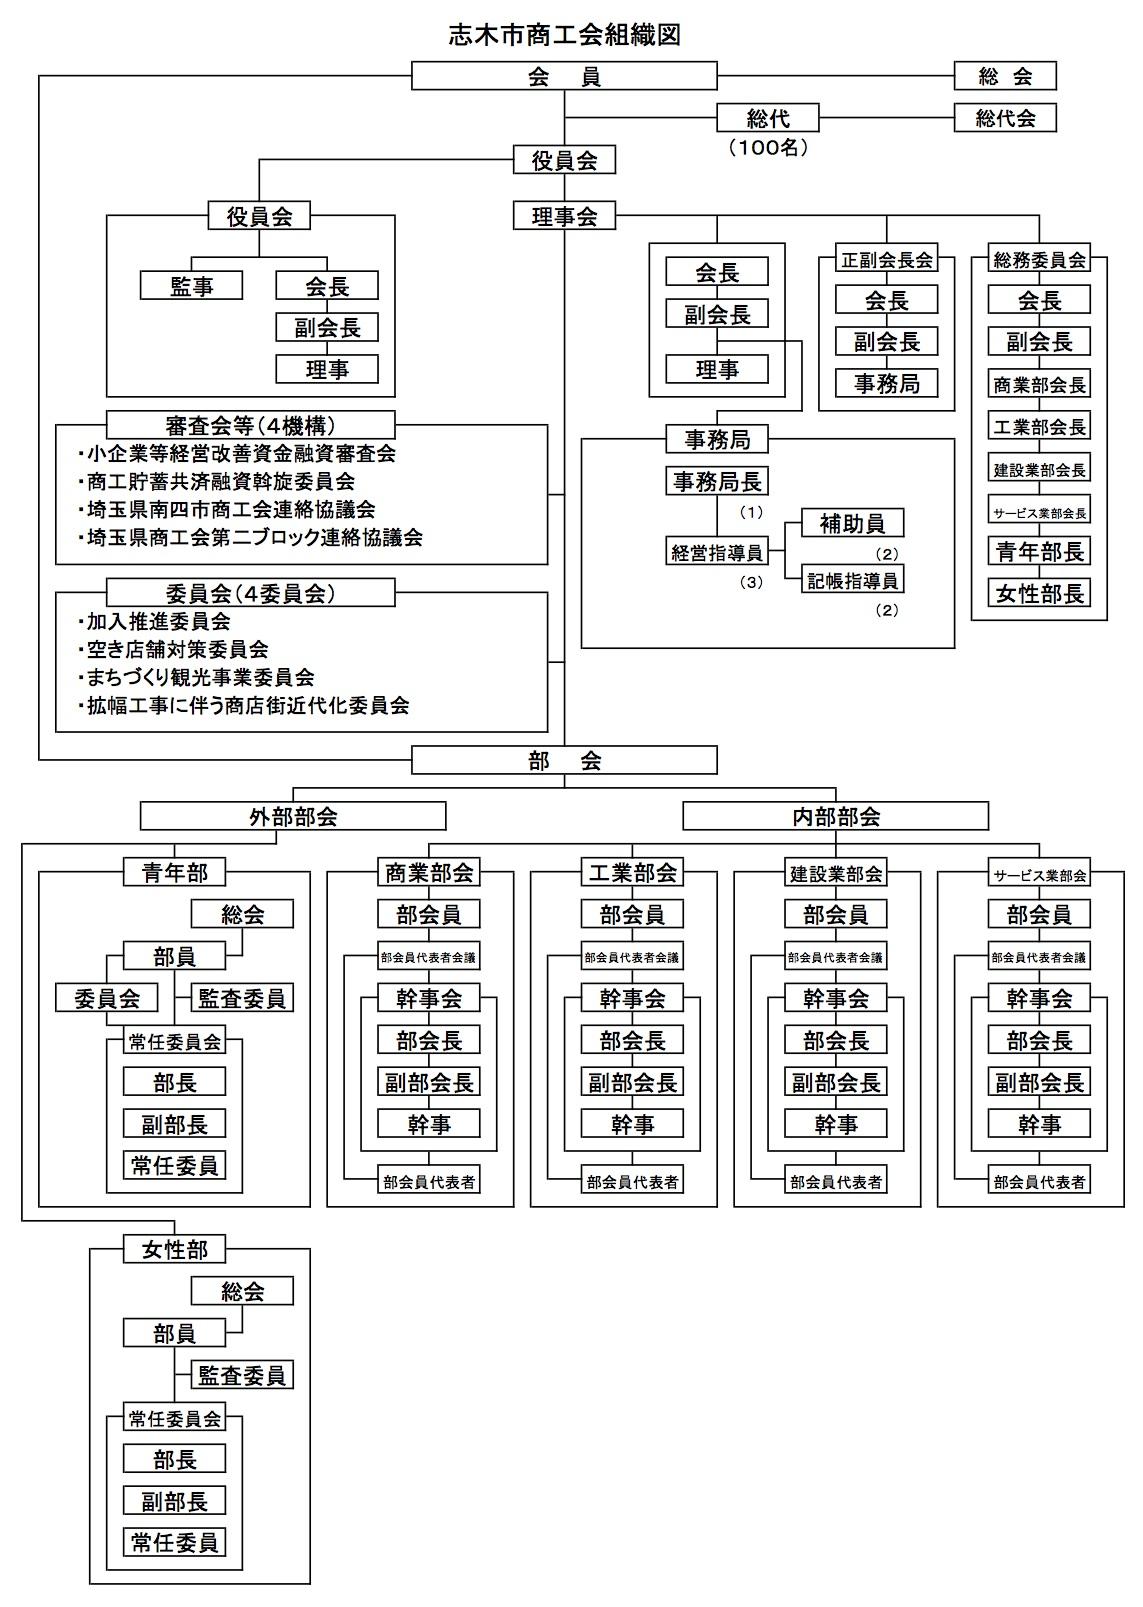 志木市商工会運営組織図2015